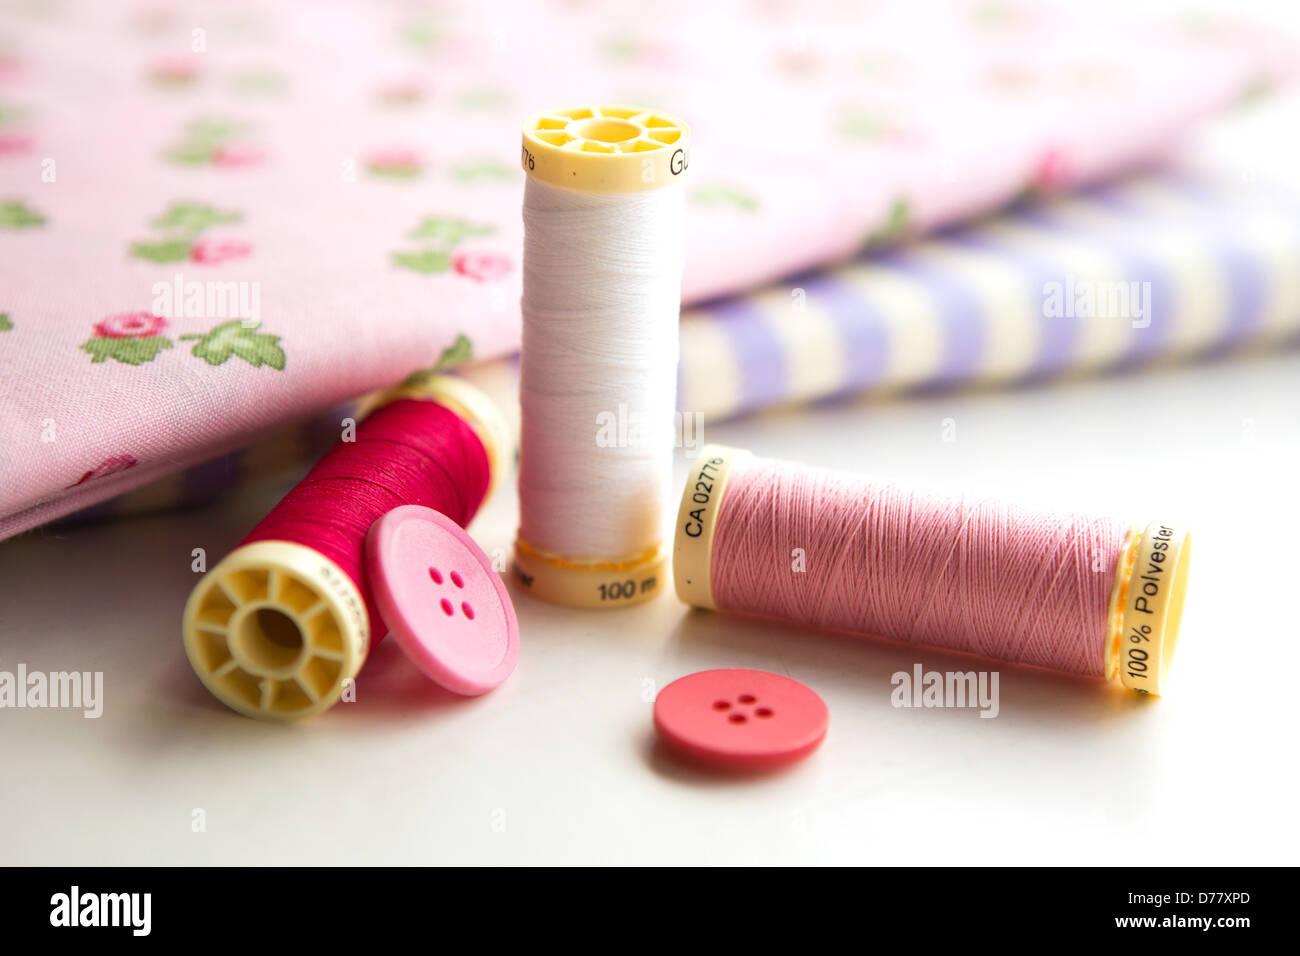 Accesorios - hilo de costura, tejido y botones colocados sobre un fondo gris claro Foto de stock